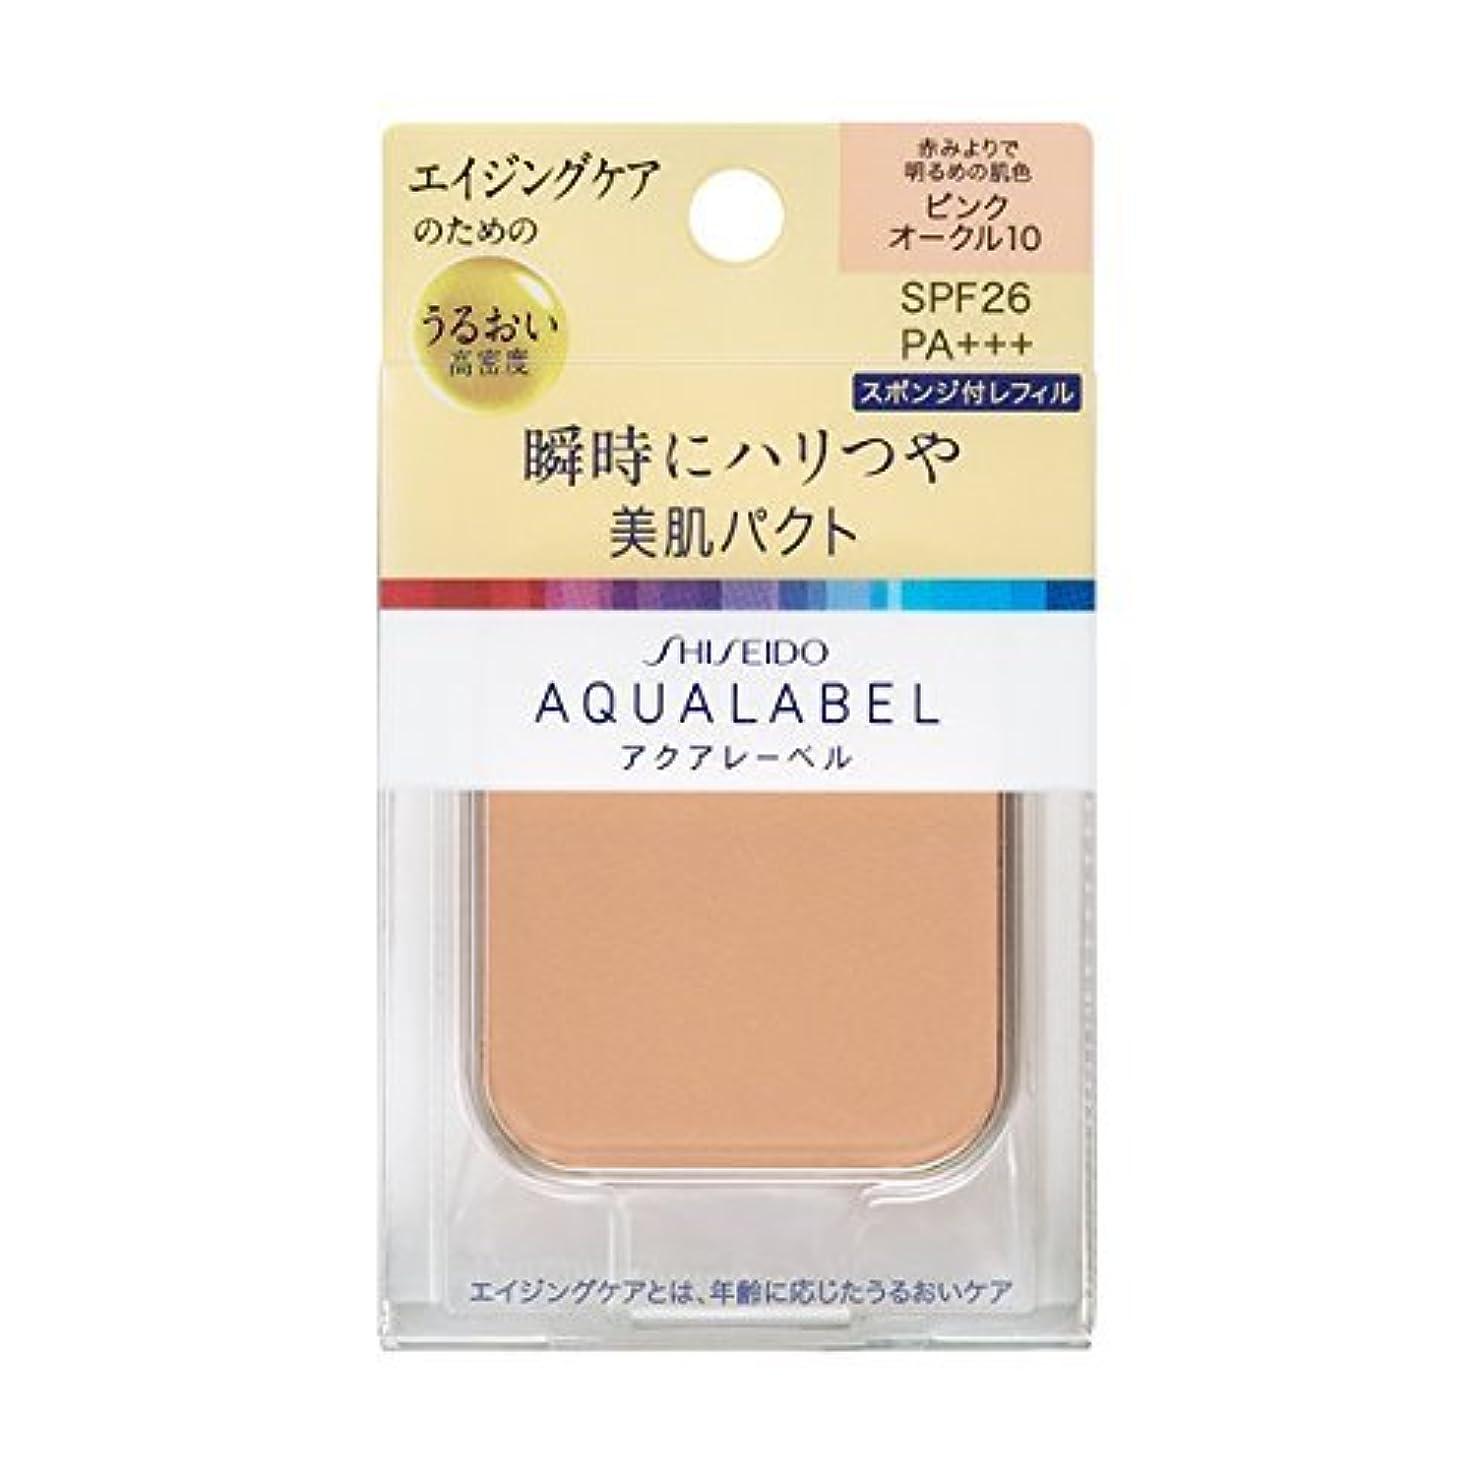 の面では最も異常なアクアレーベル 明るいつや肌パクト ピンクオークル10 (レフィル) 11.5g×6個